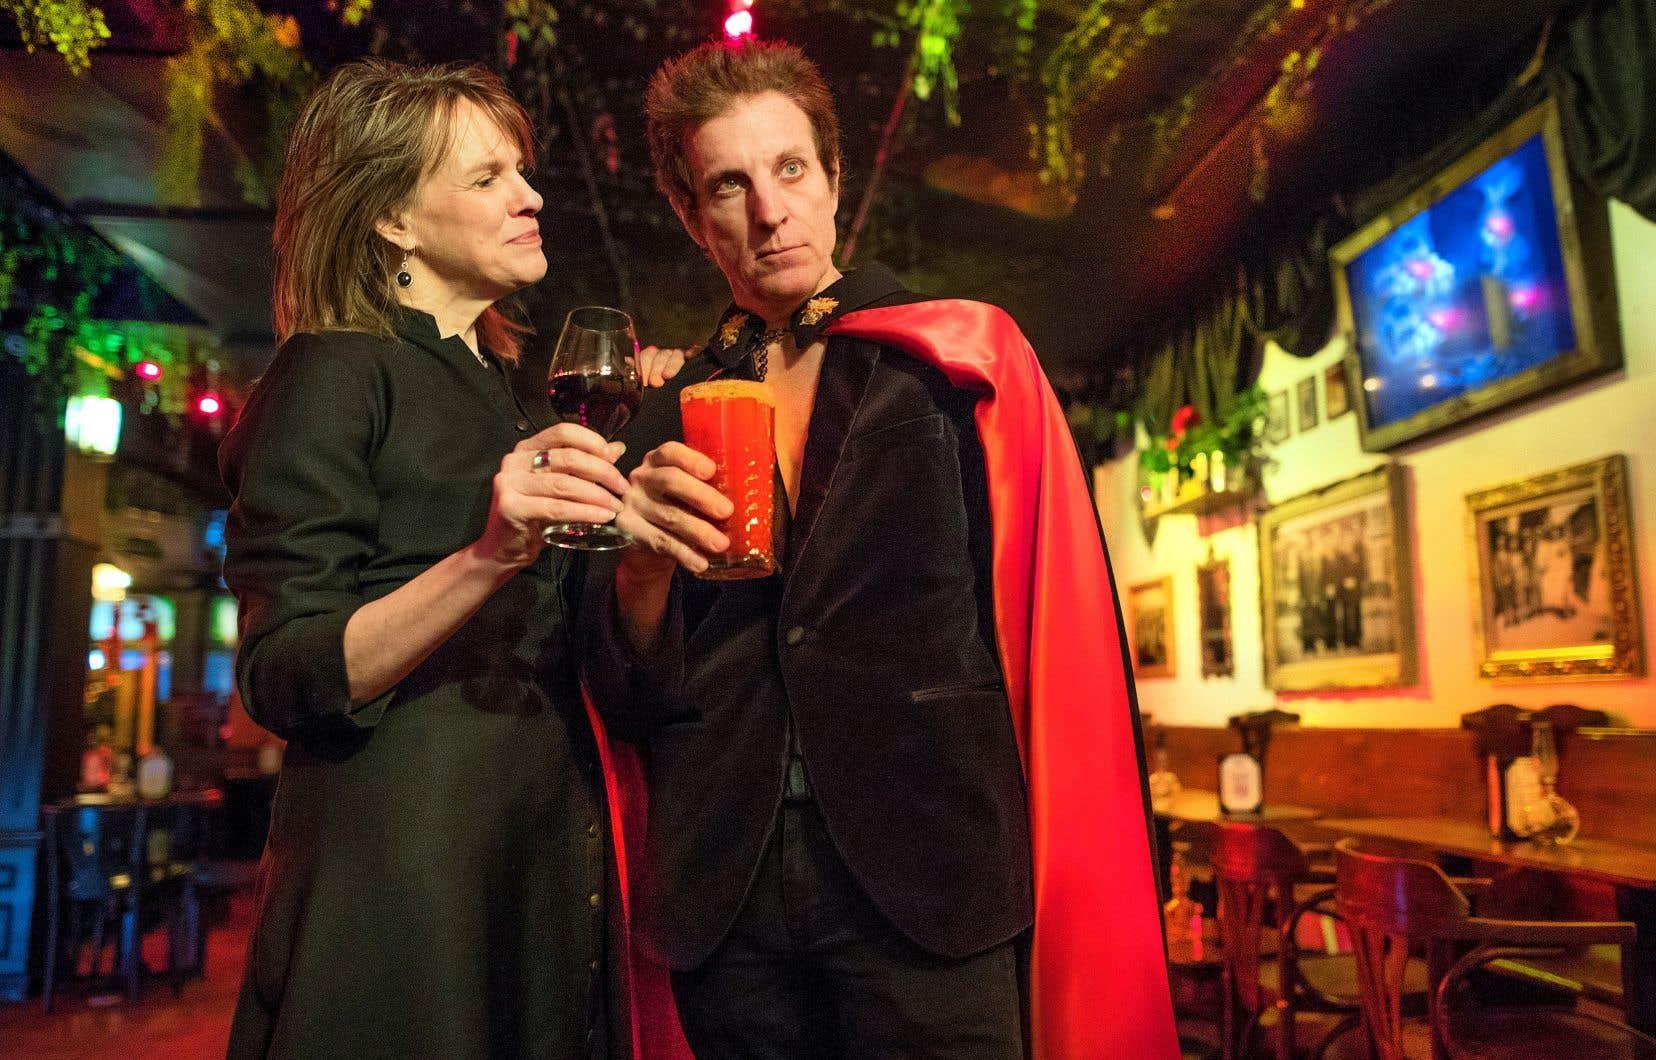 Joblo en soutane d'enfant de chœur trinquant avec David La Haye, l'incarnation du diable, au bar Bootlegger à Montréal. Conversation zéro tempérance sur l'amour, le vice et la vertu.